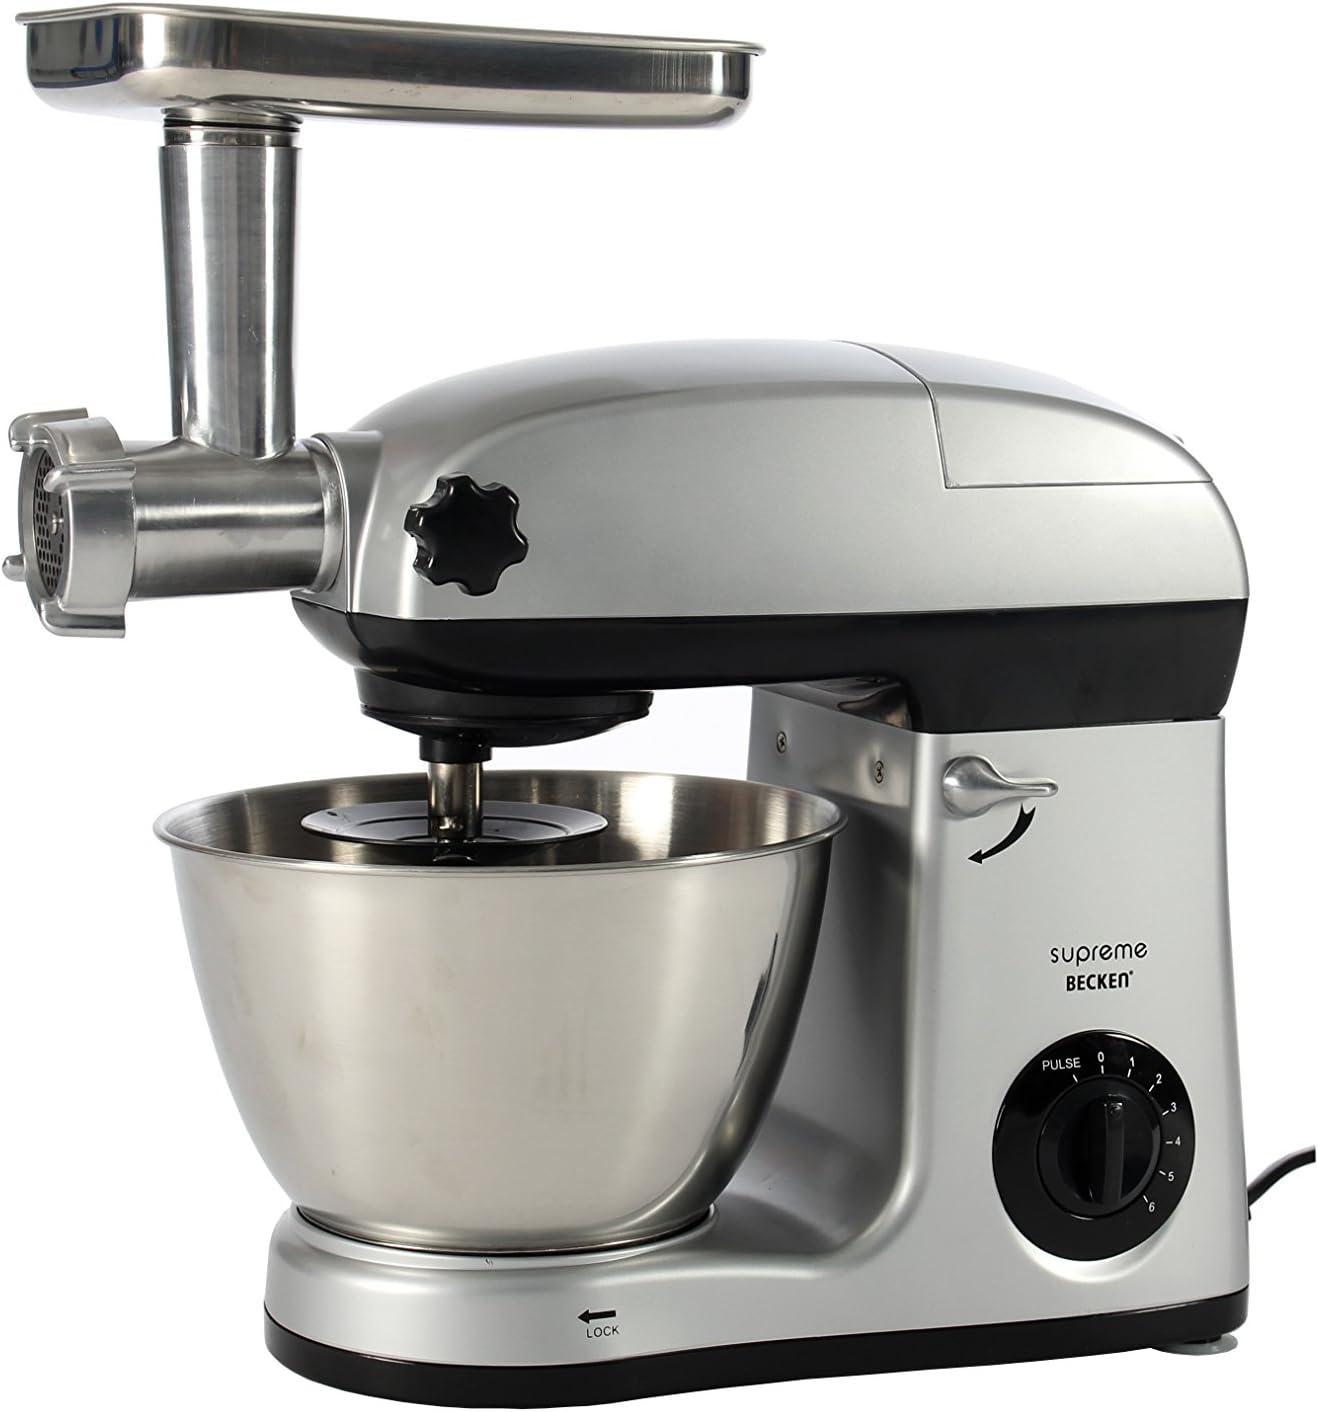 Becken - Robot de cocina supreme: Amazon.es: Hogar